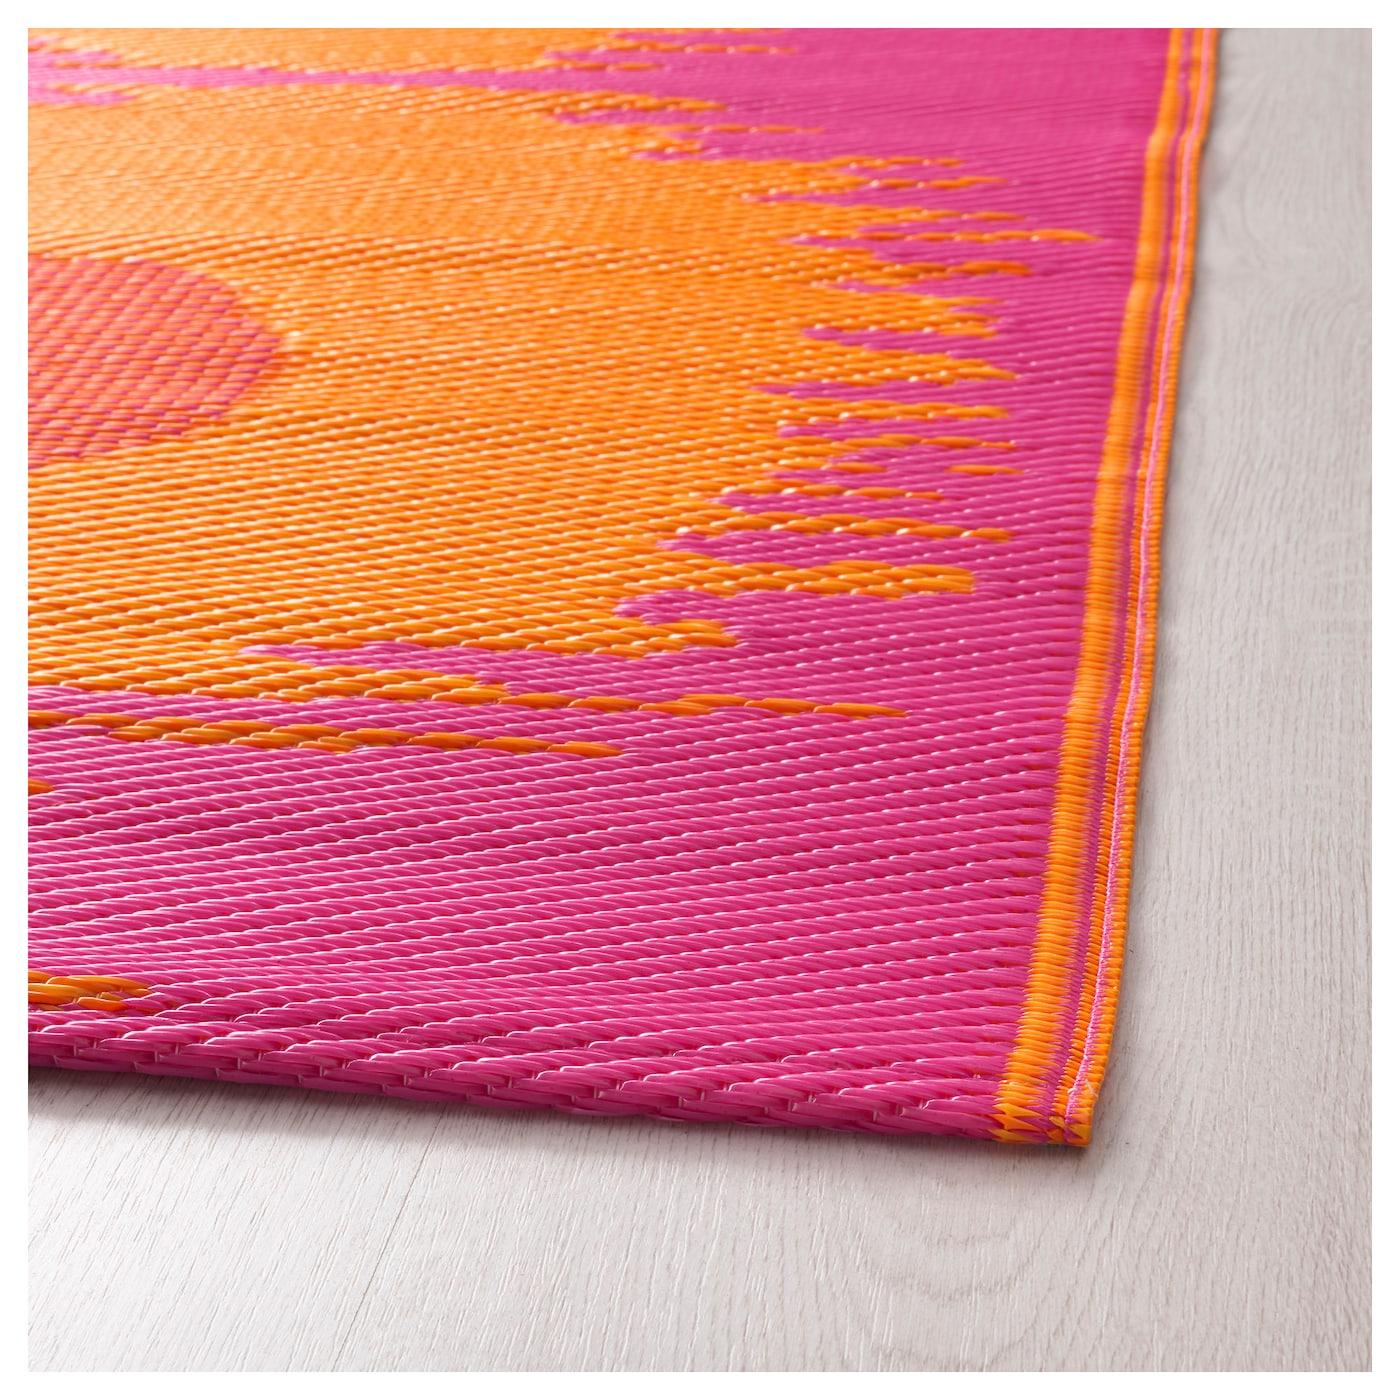 SOMMAR 2017 Rug, Flatwoven In/outdoor Pink/orange 75x200